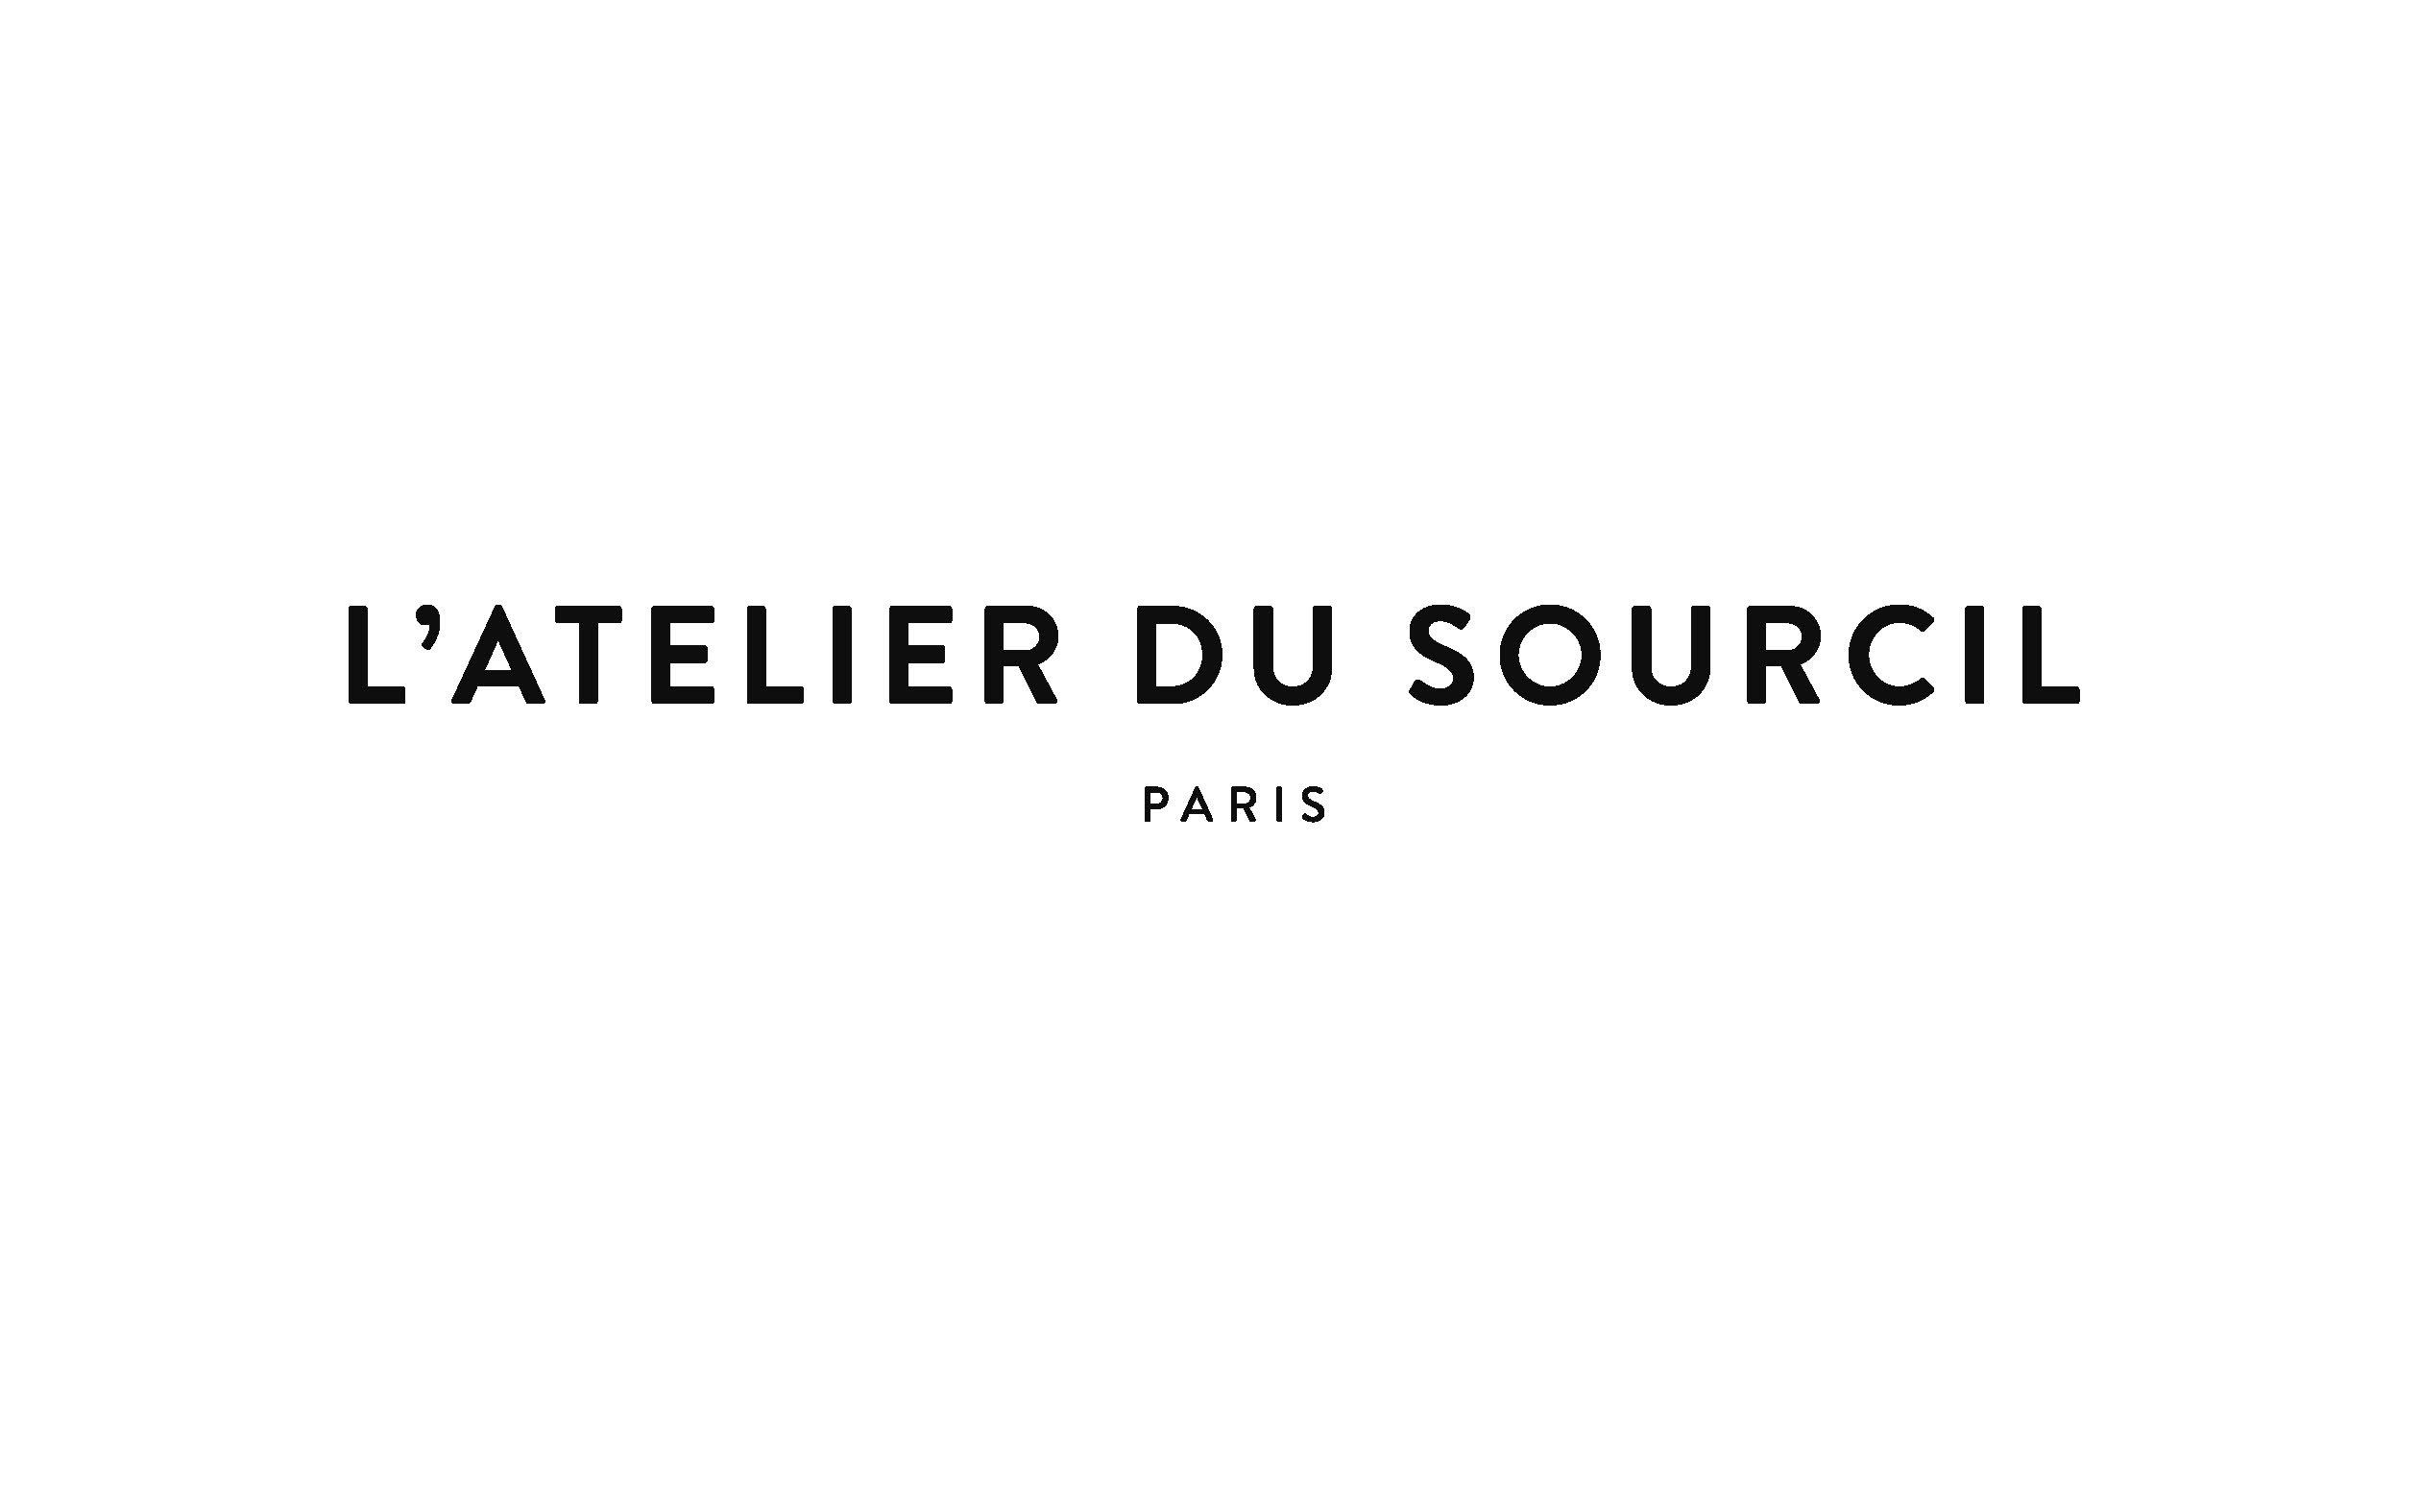 L'Atelier du Sourcil - Paris 18 Logo